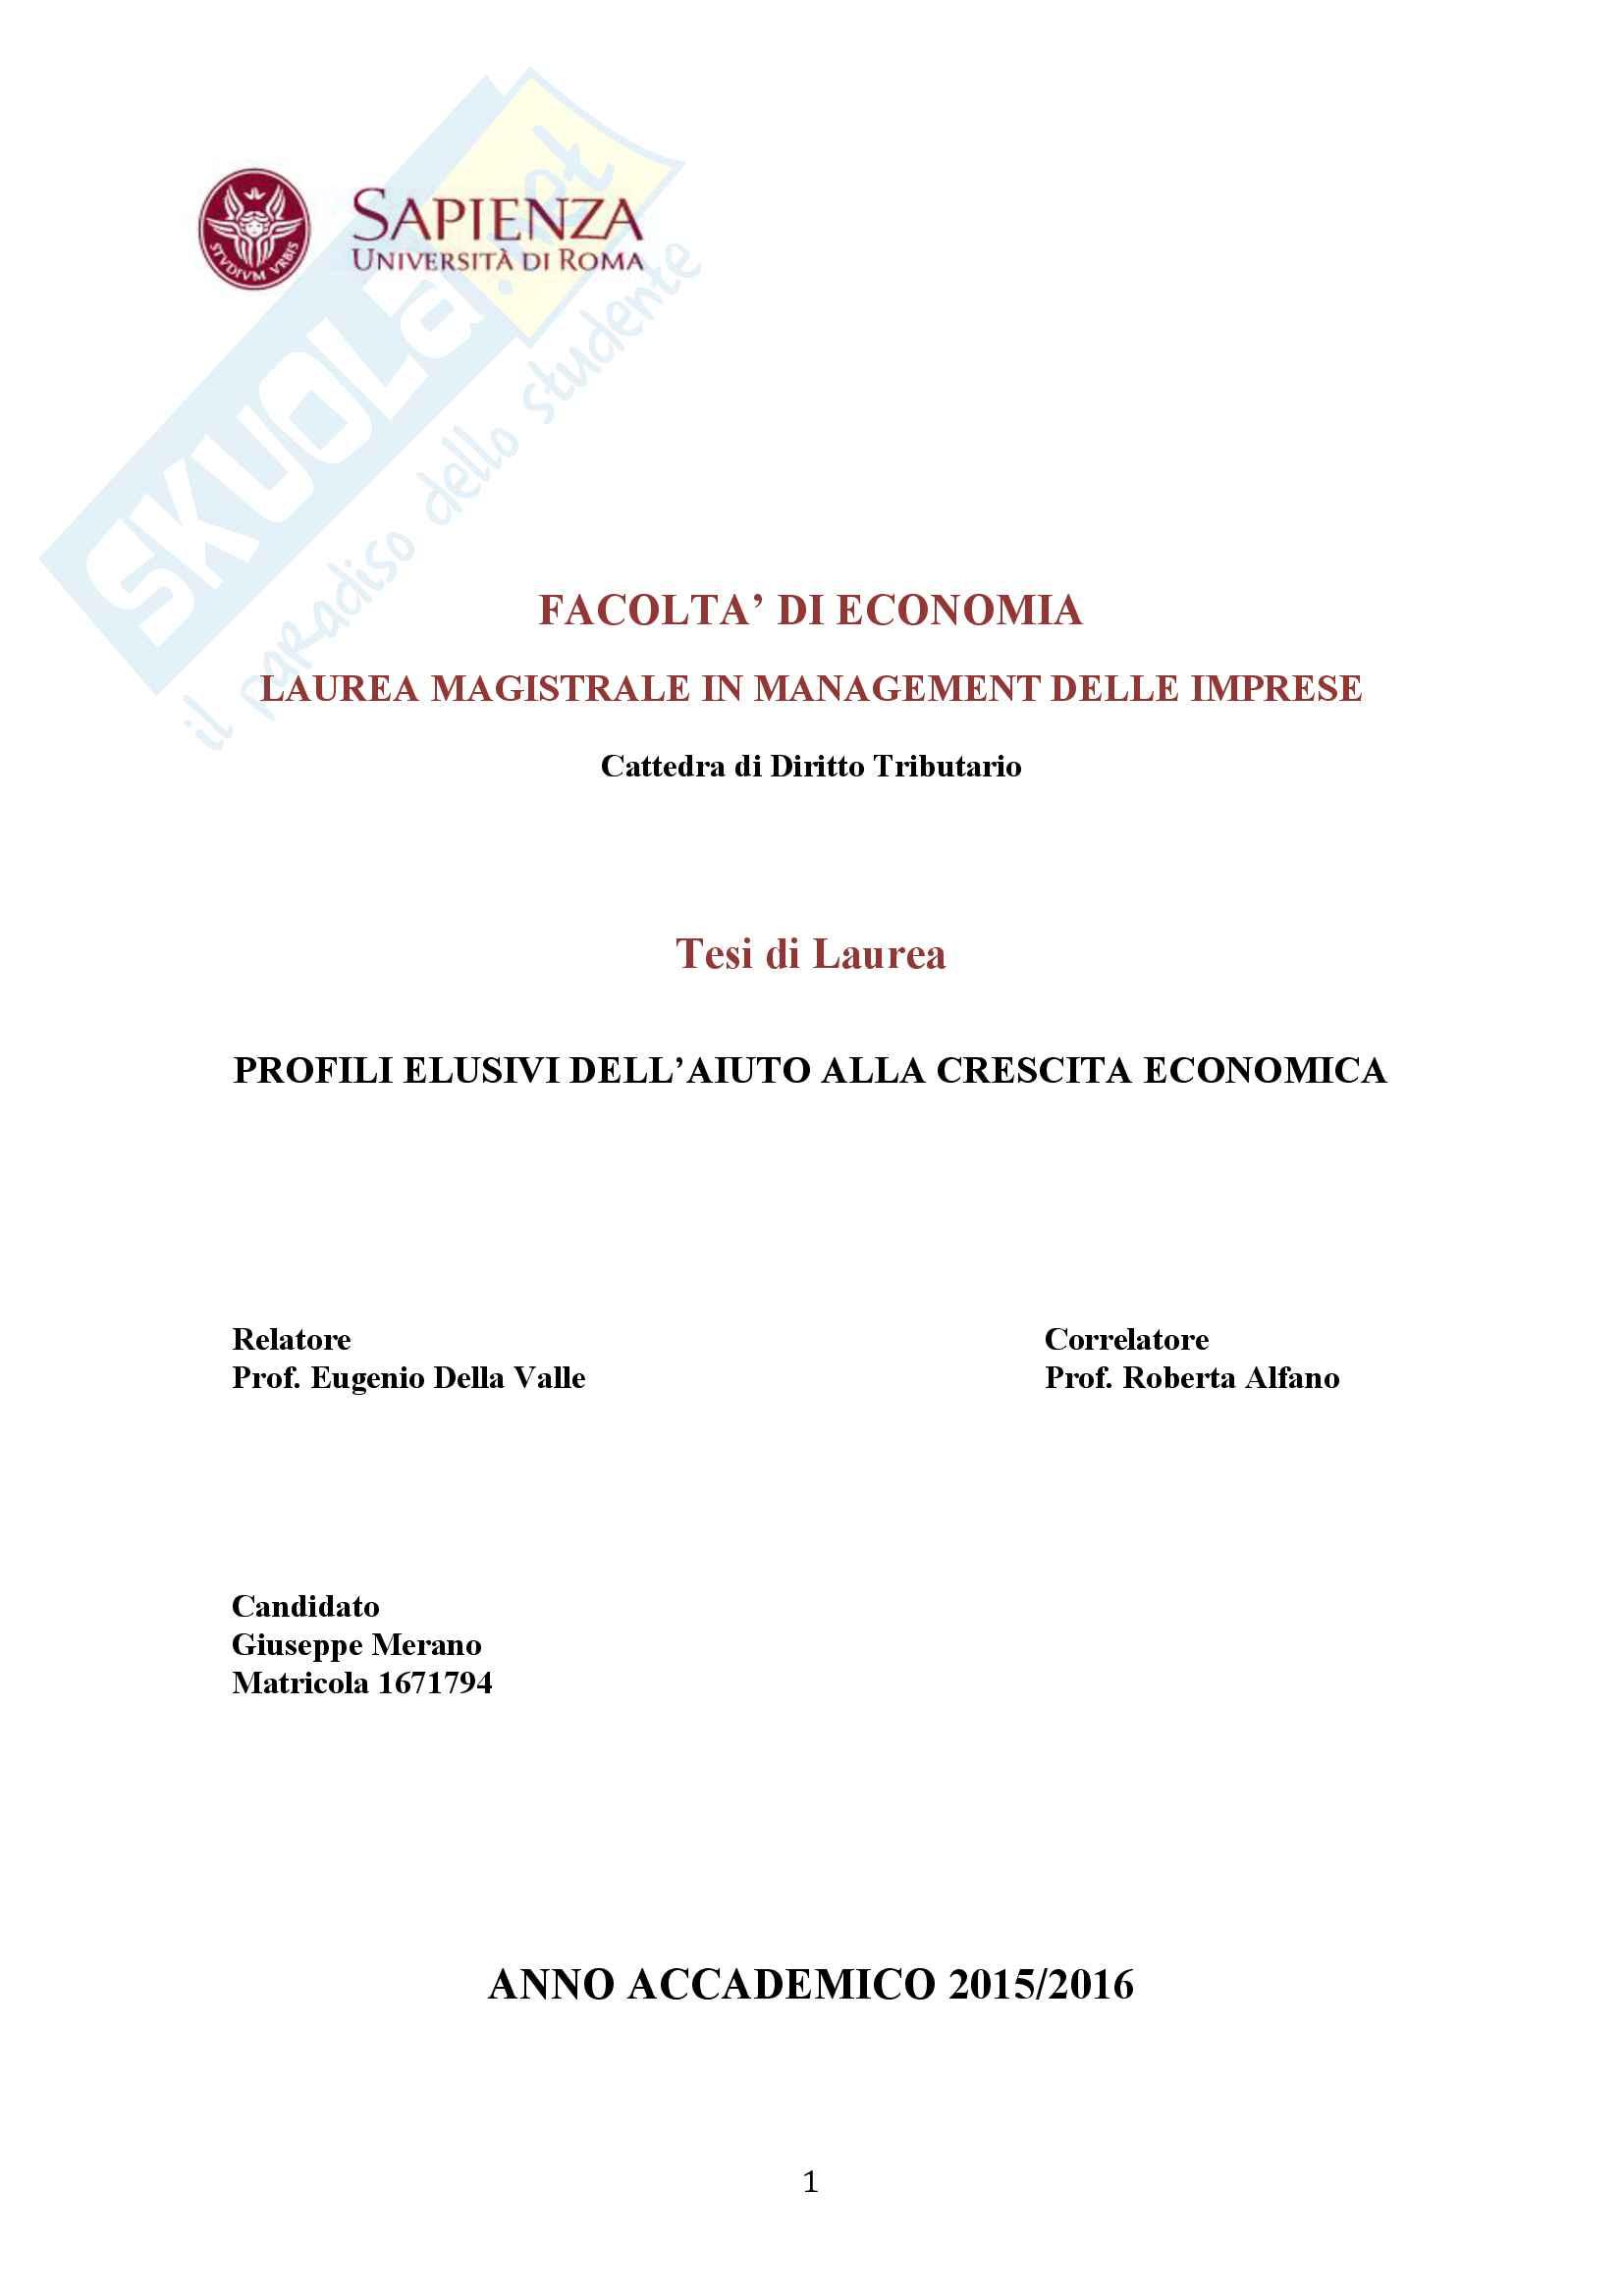 Tesi: I Profili elusivi dell'aiuto alla crescita economica